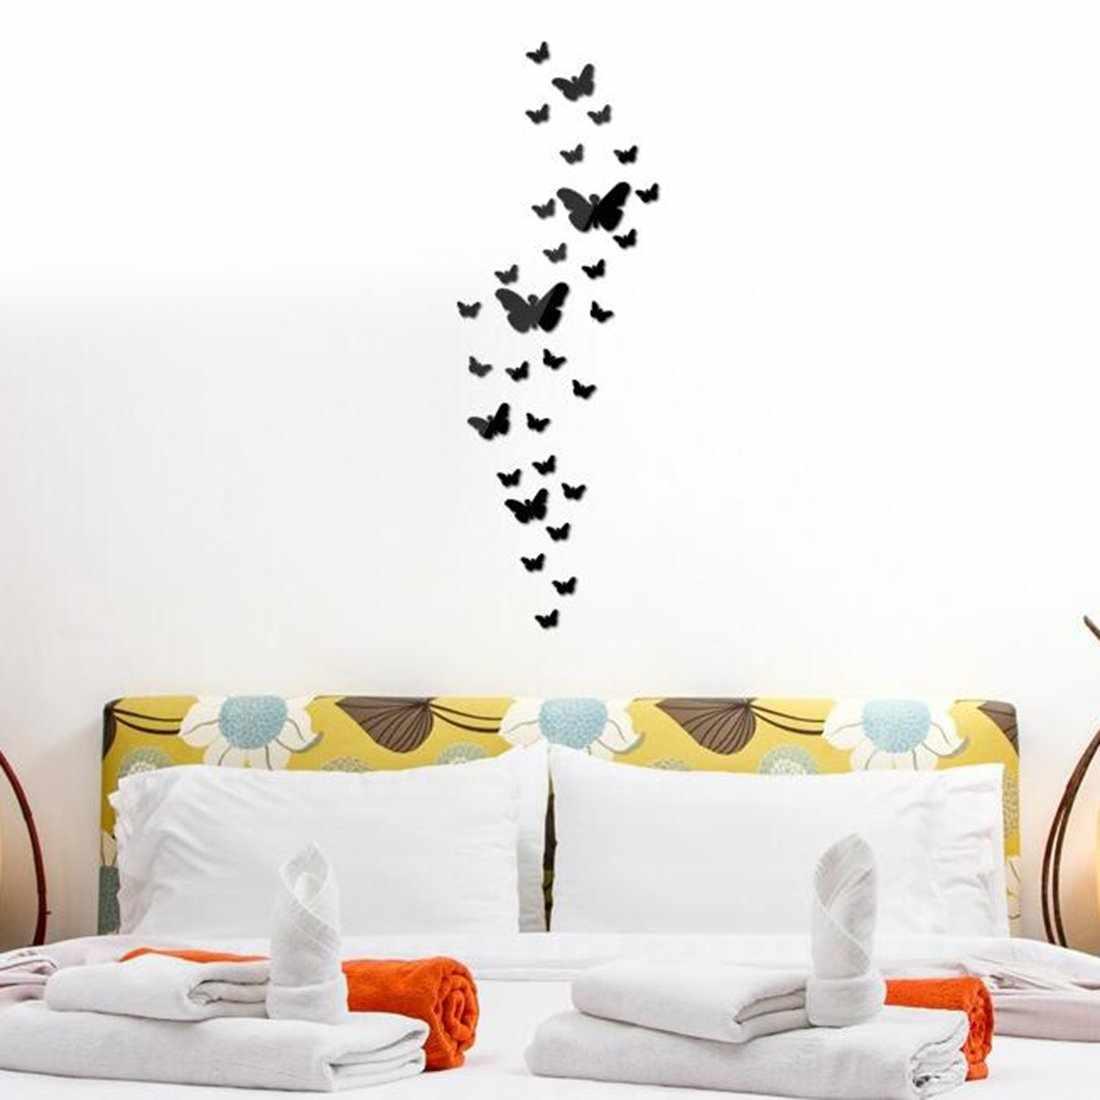 Бабочки из виниловой пленки над кроватью